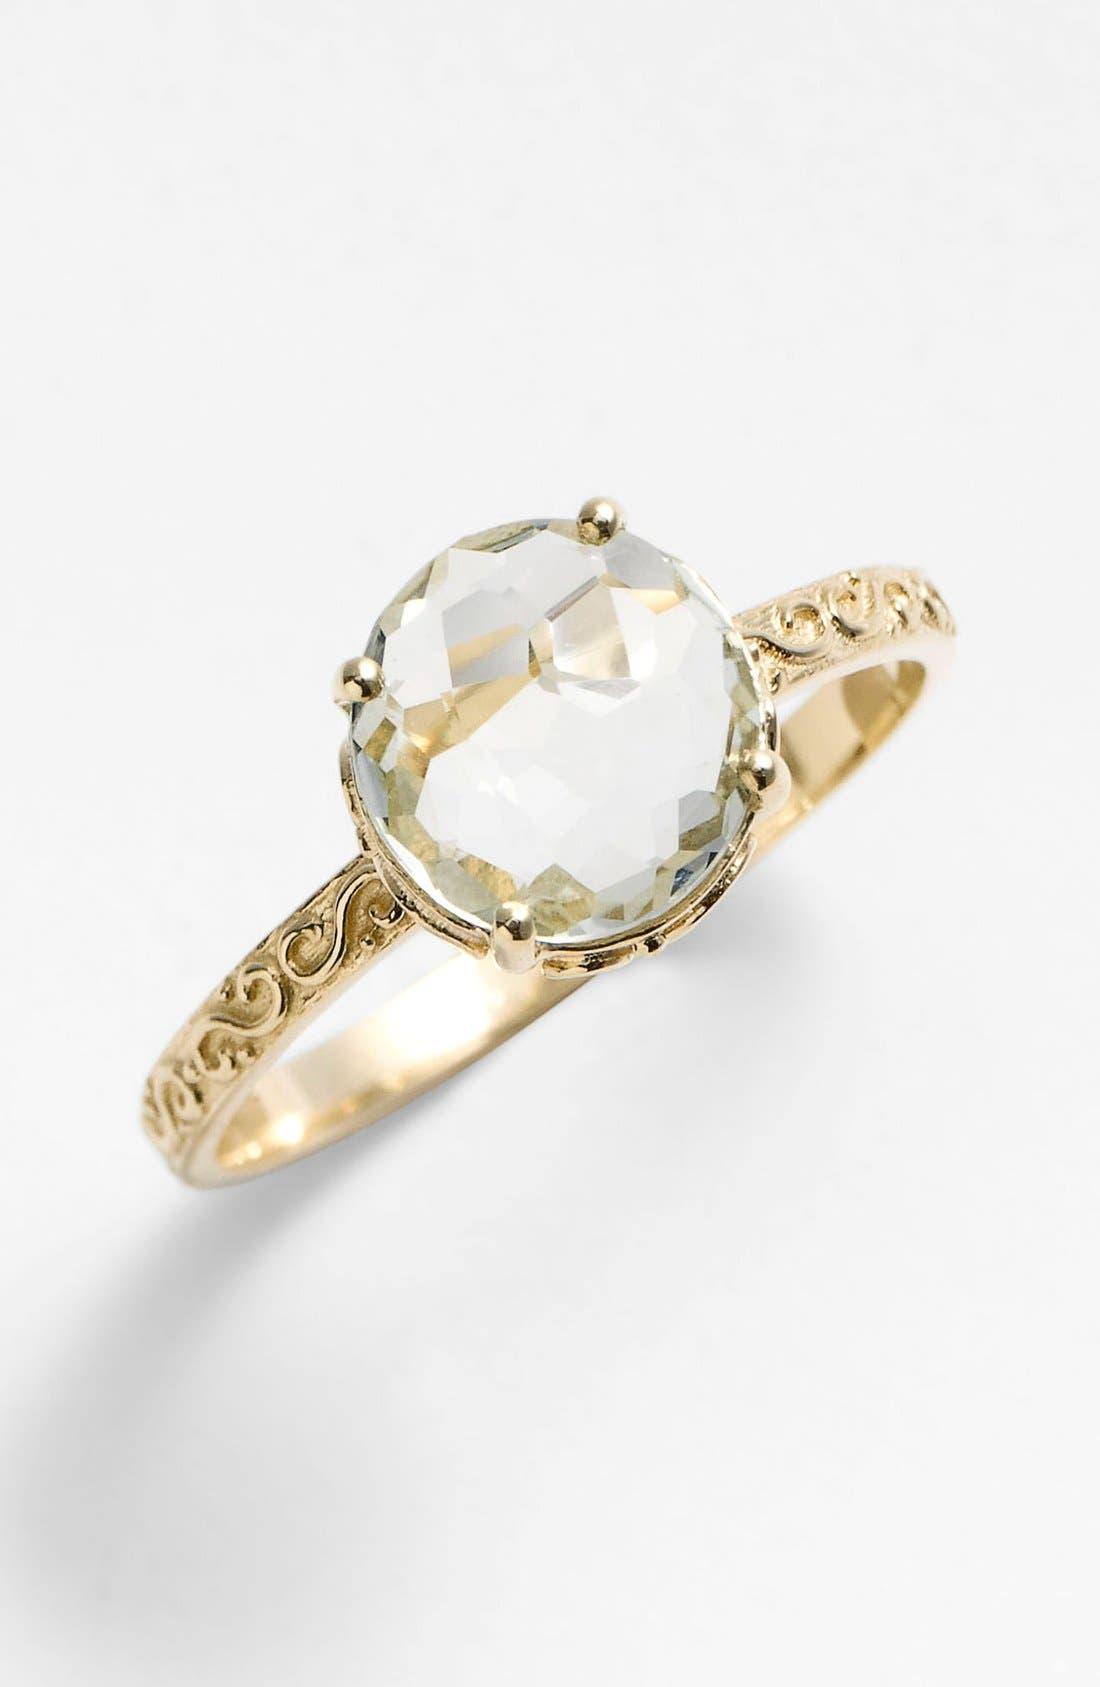 Alternate Image 1 Selected - KALAN by Suzanne Kalan Round Stone Filigree Ring